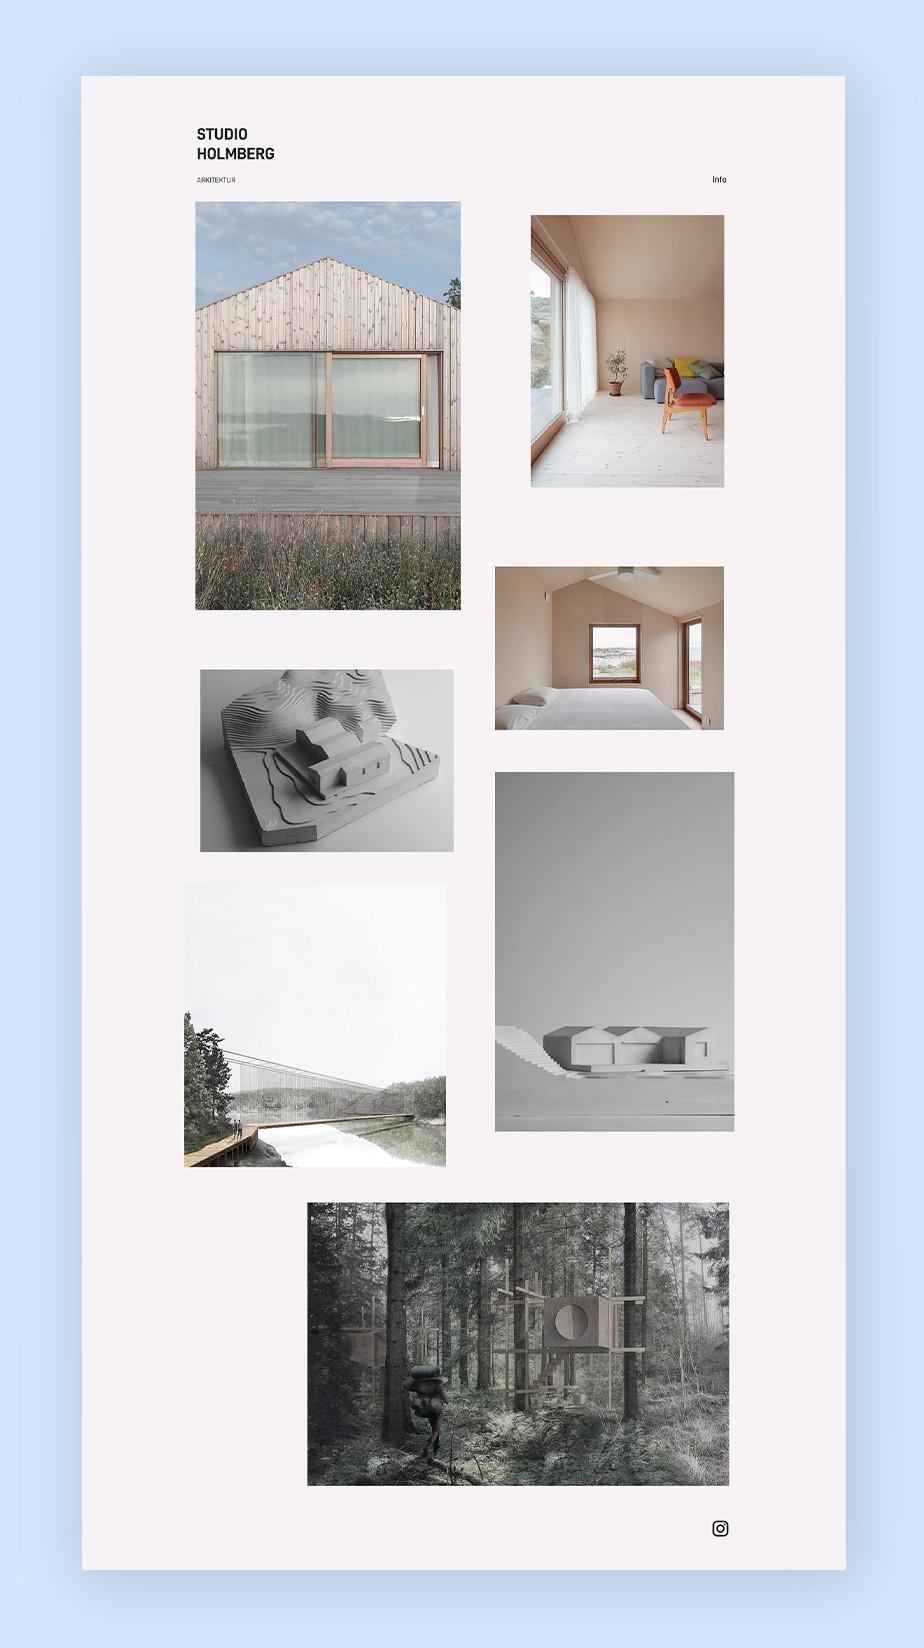 Как создать сайт портфолио для архитектора — пример удачного портфолио